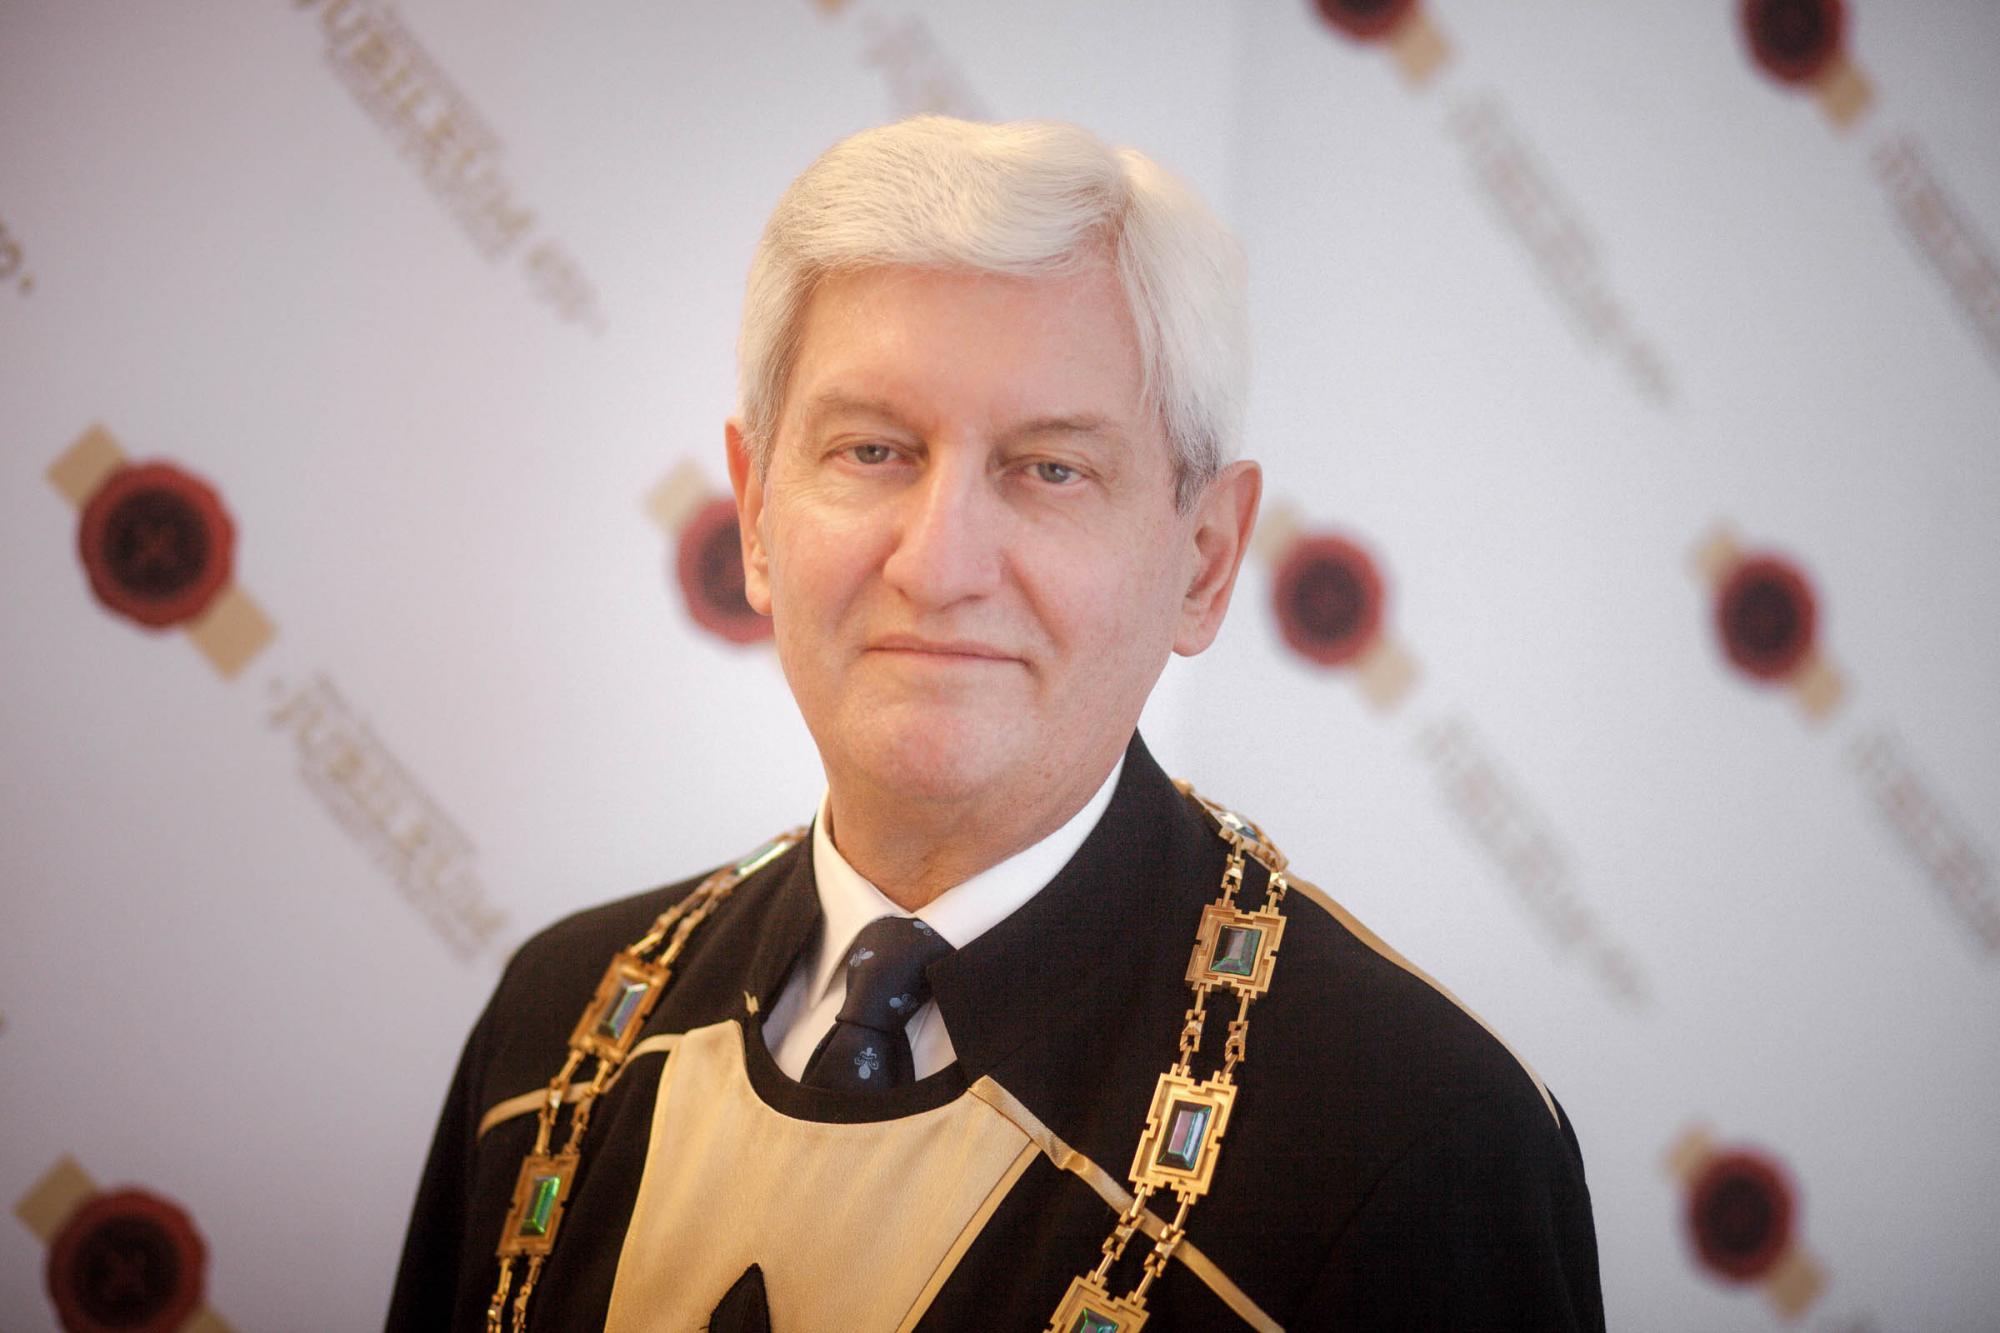 Dr. Bódis József a Pécsi Tudományegyetem rektora